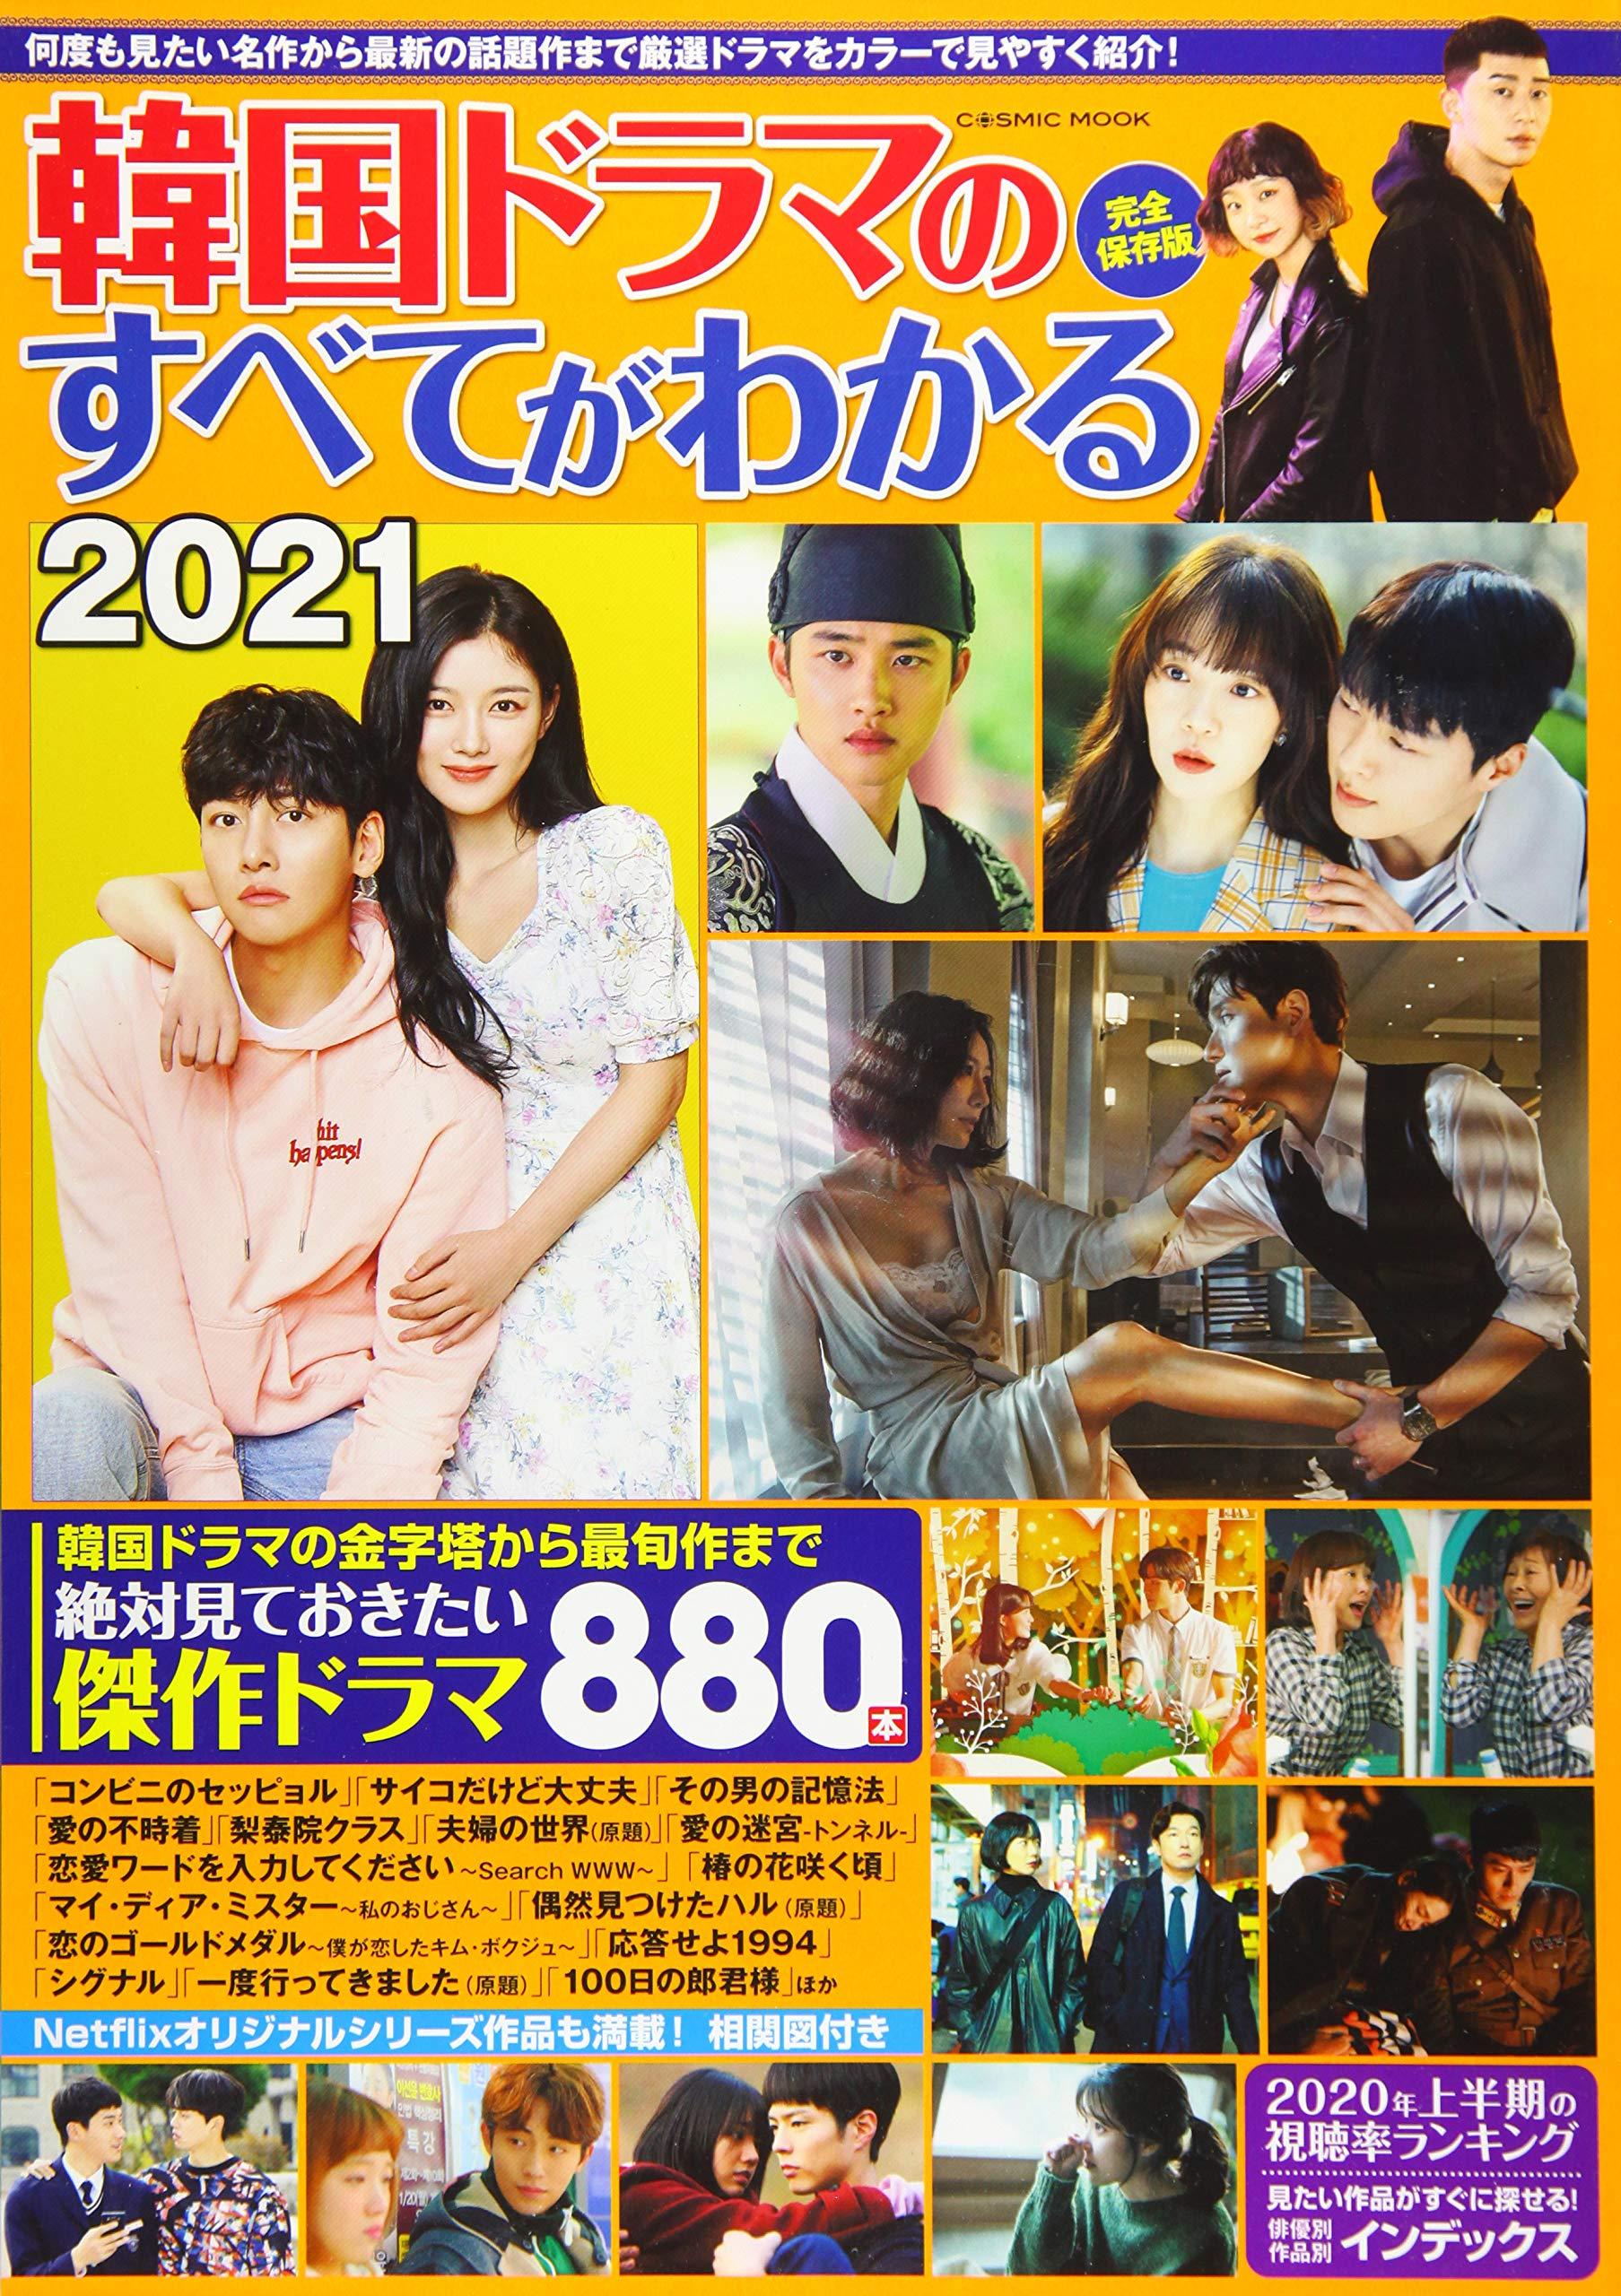 2020 韓国 ドラマ 韓国ドラマ時代劇放送予定 2020